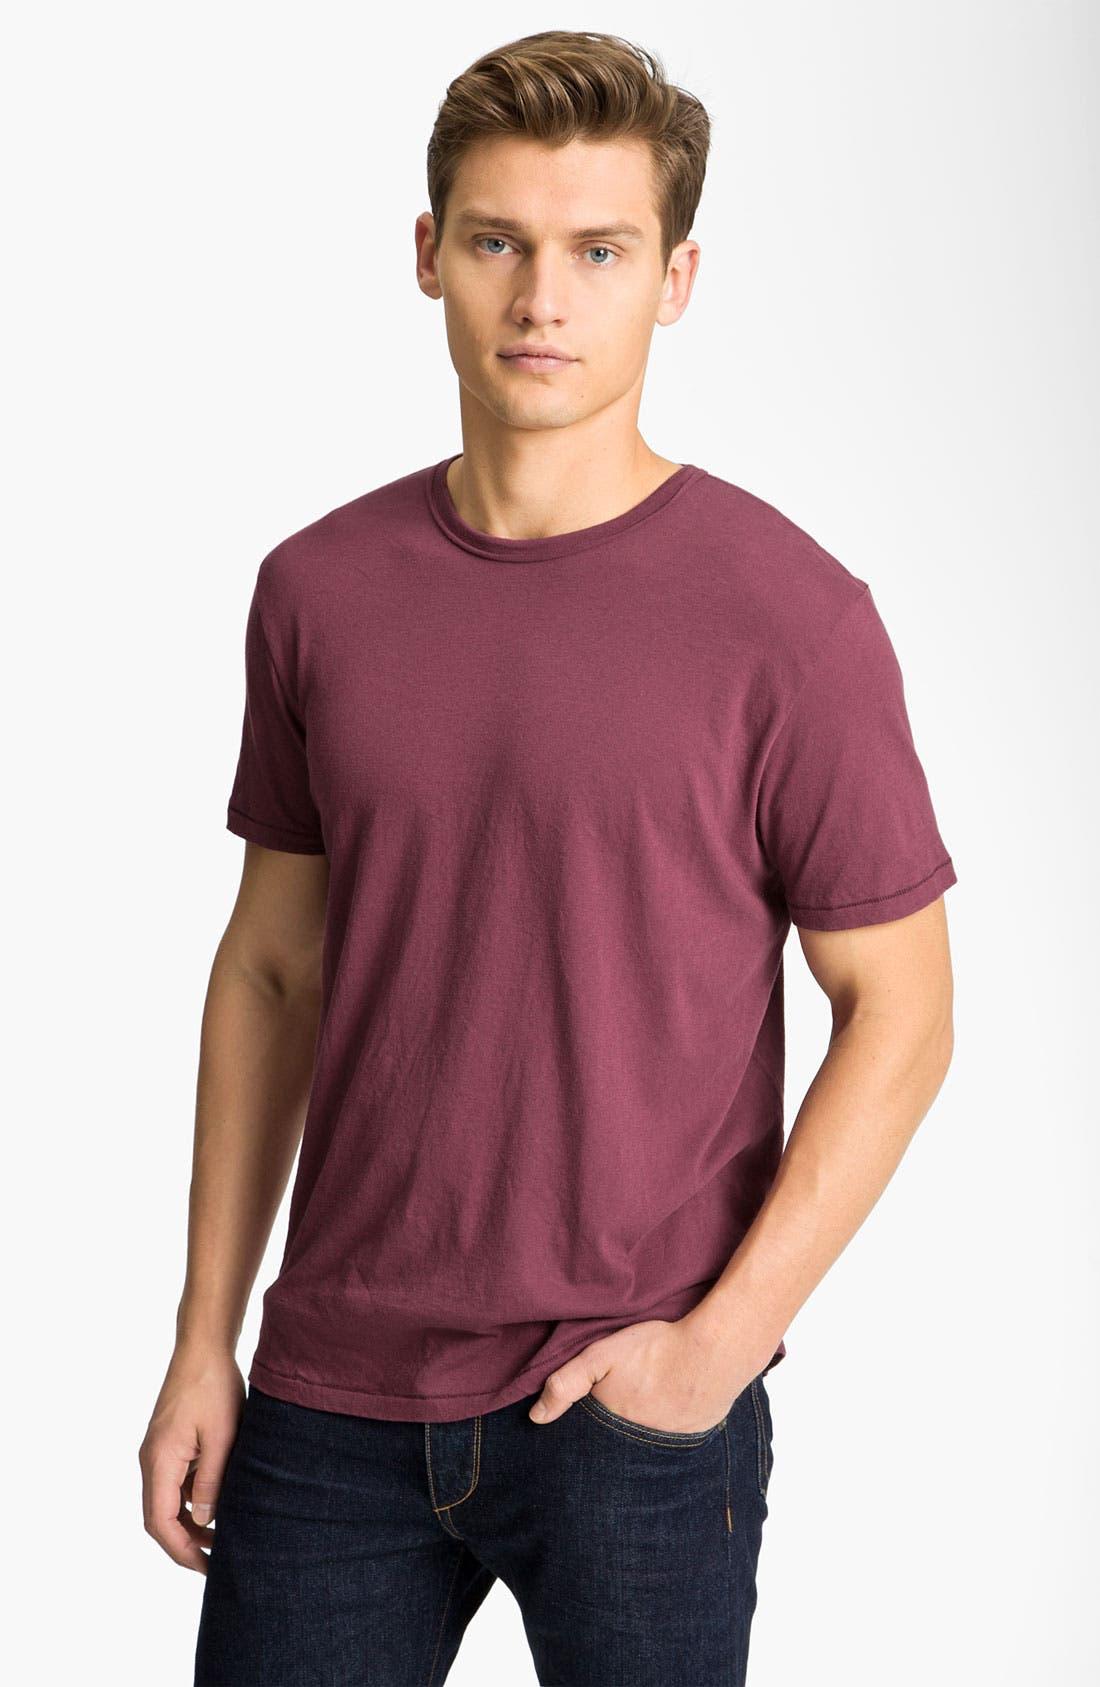 Alternate Image 1 Selected - rag & bone 'Flame' T-Shirt